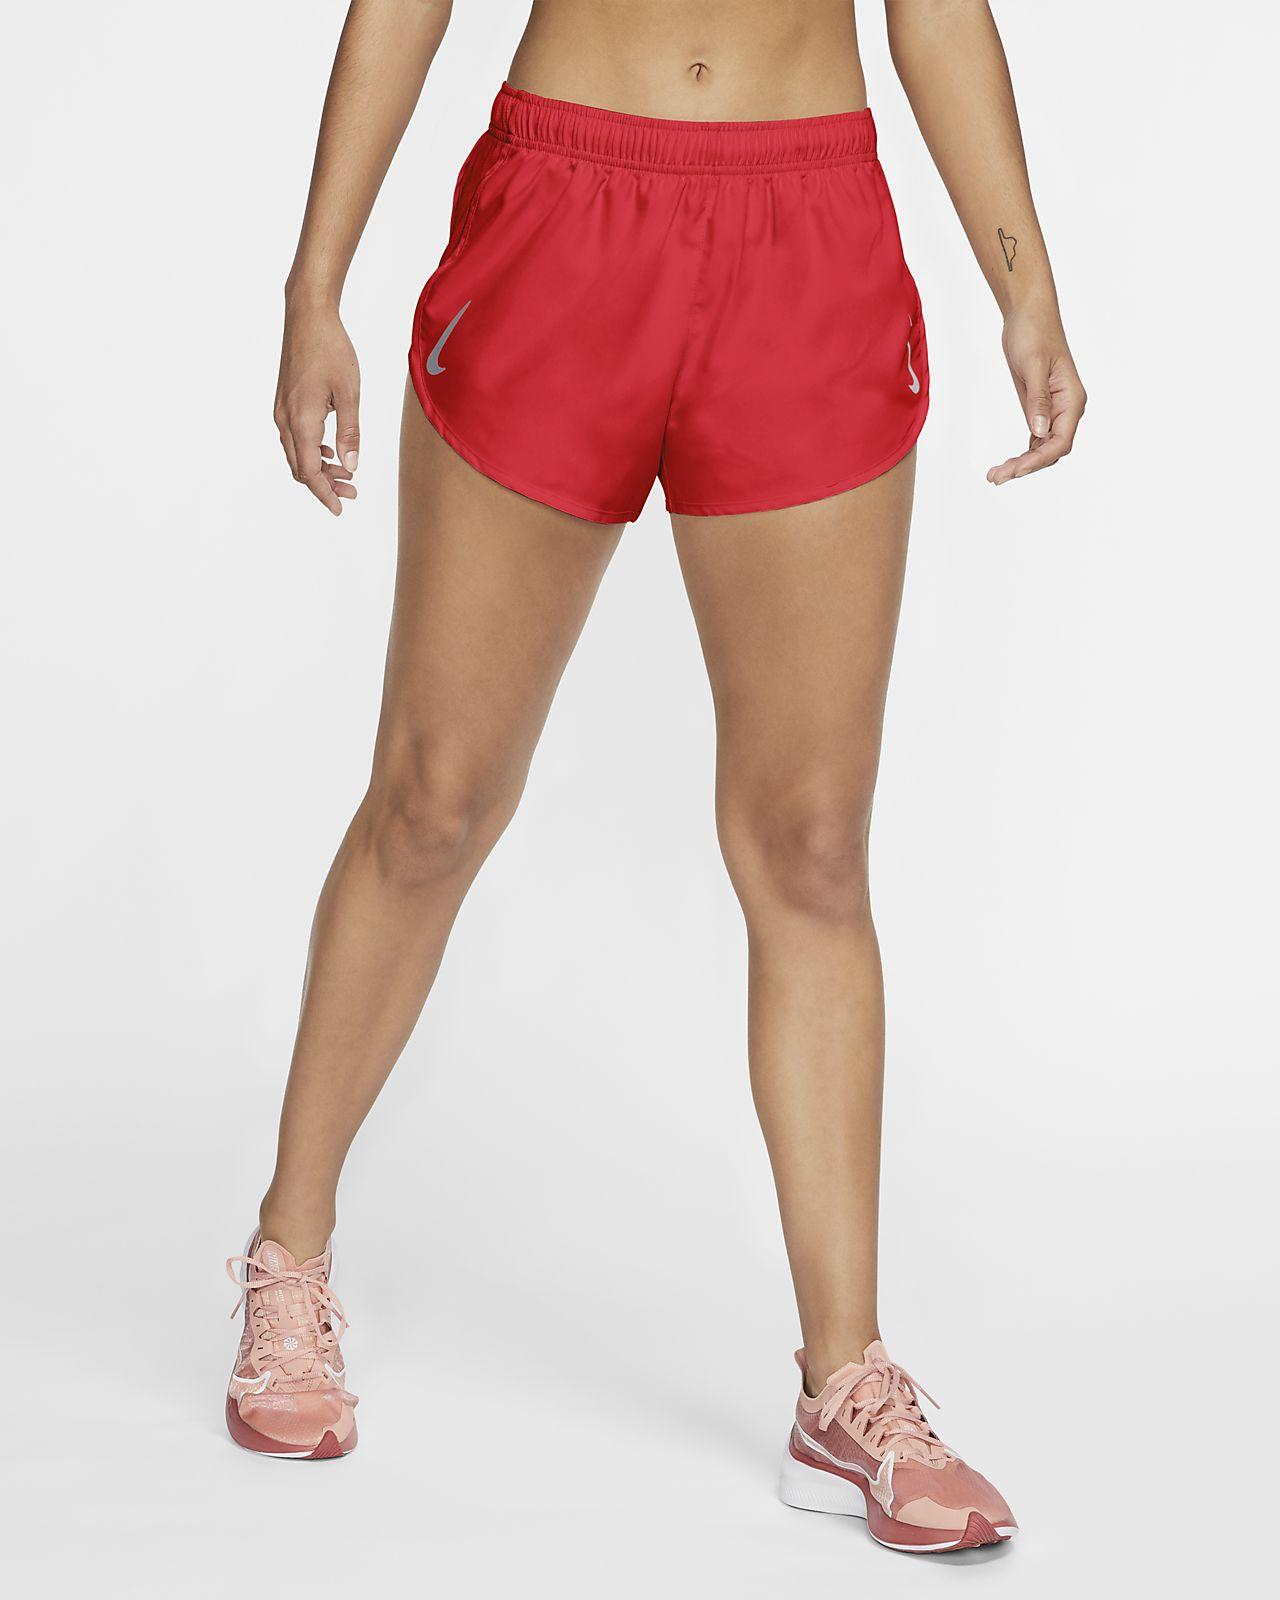 Женские беговые шорты с высокой посадкой Nike Tempo